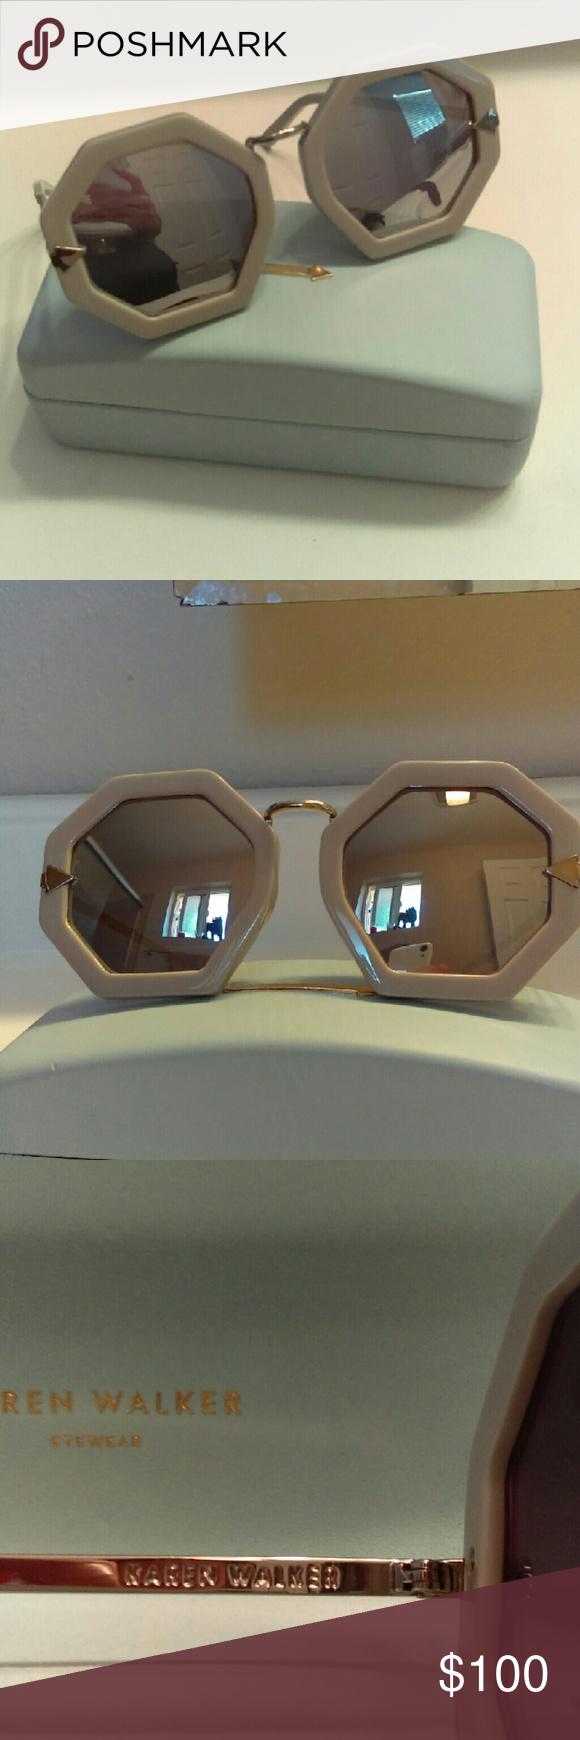 baf272a2caa NWOT Karen Walker moon disco sunglasses Brand new Karen Walker sunglasses  that were used as a